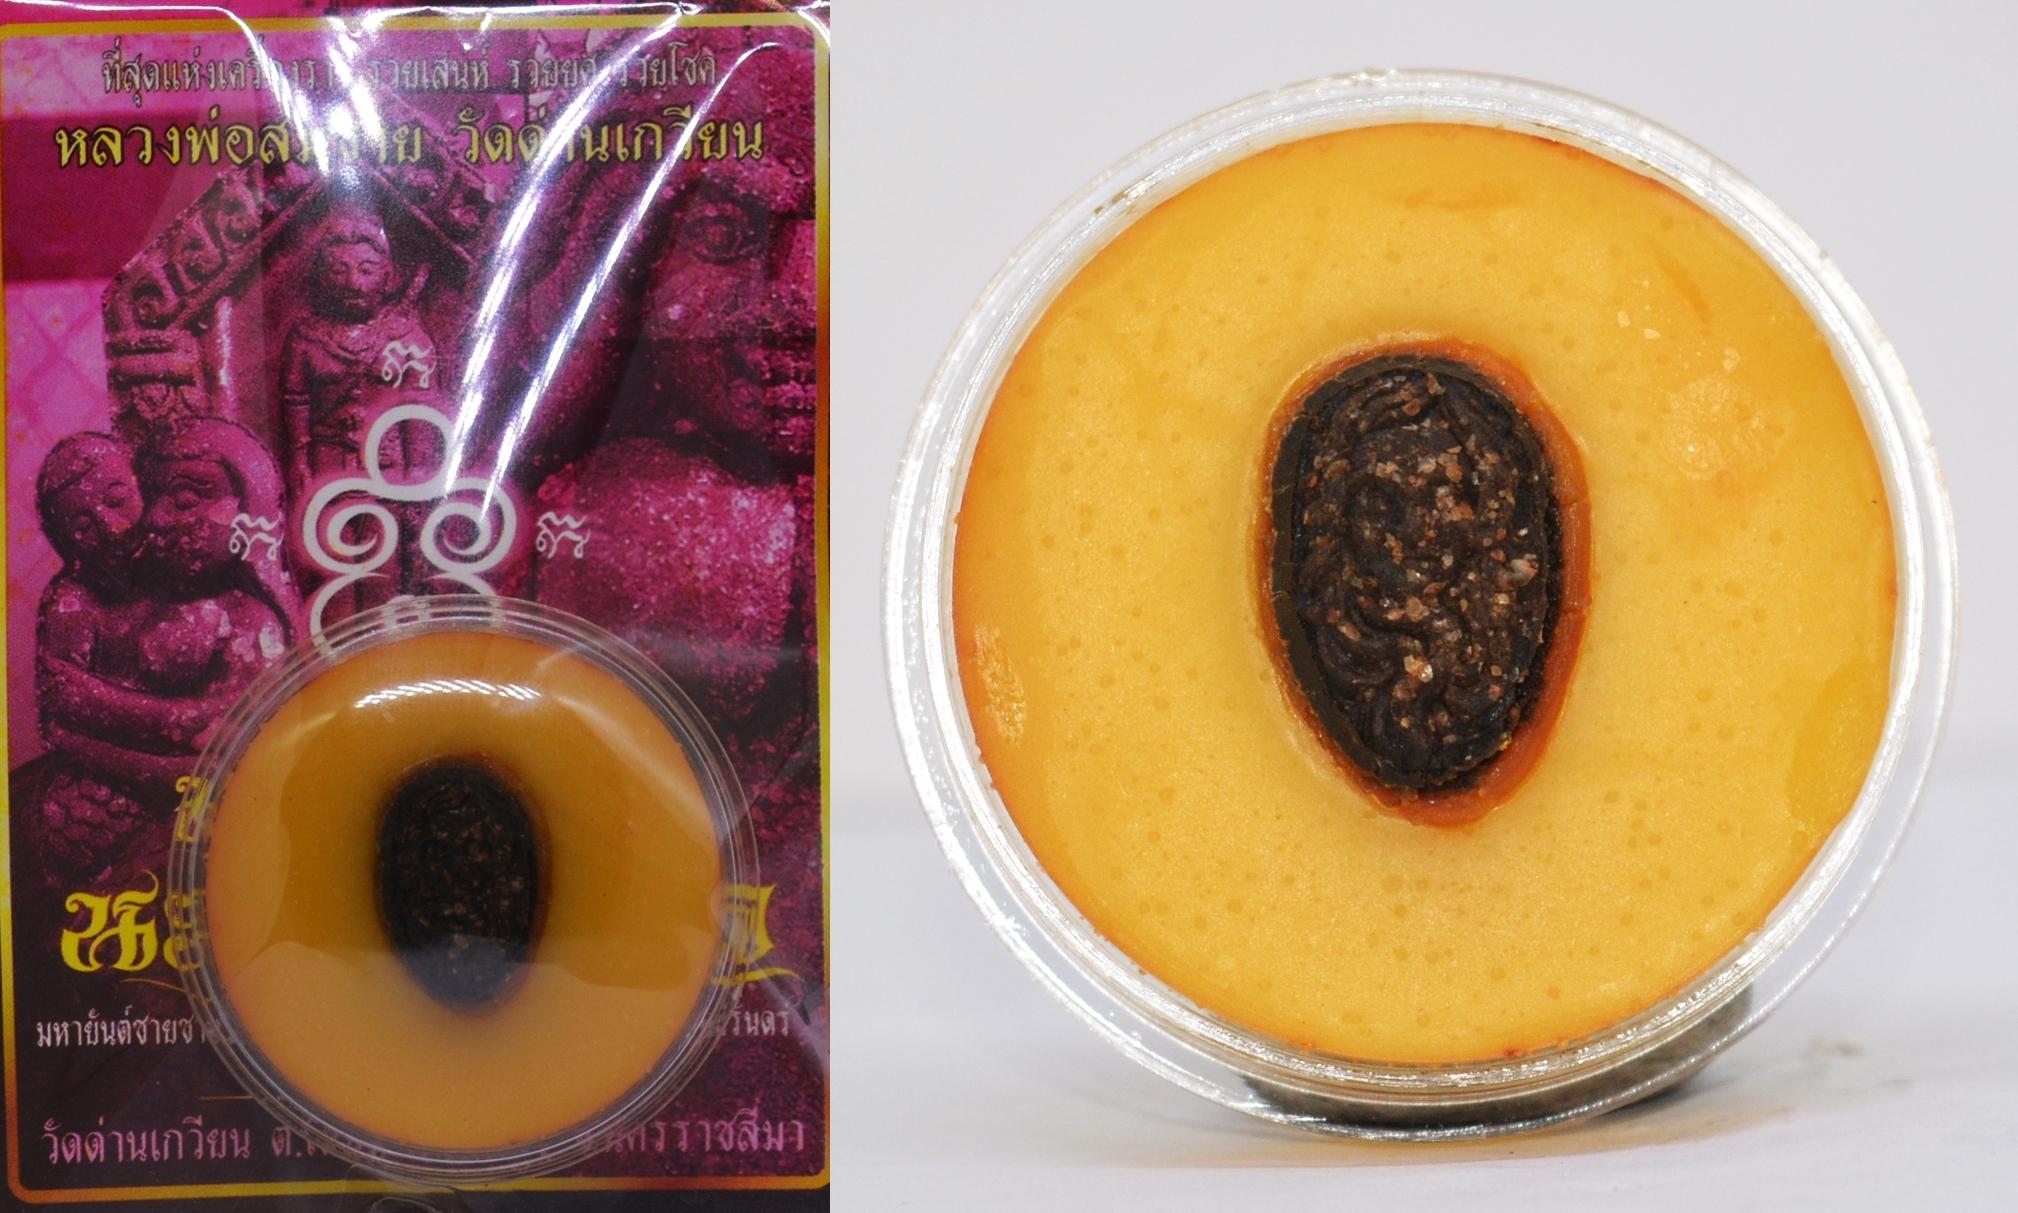 สีผึ้งพรายตานี รุ่นมหาเวทย์นะหลงไหล หลวงพ่อสมชาย วัดด่านเกวียน นครราชสีมา 2553